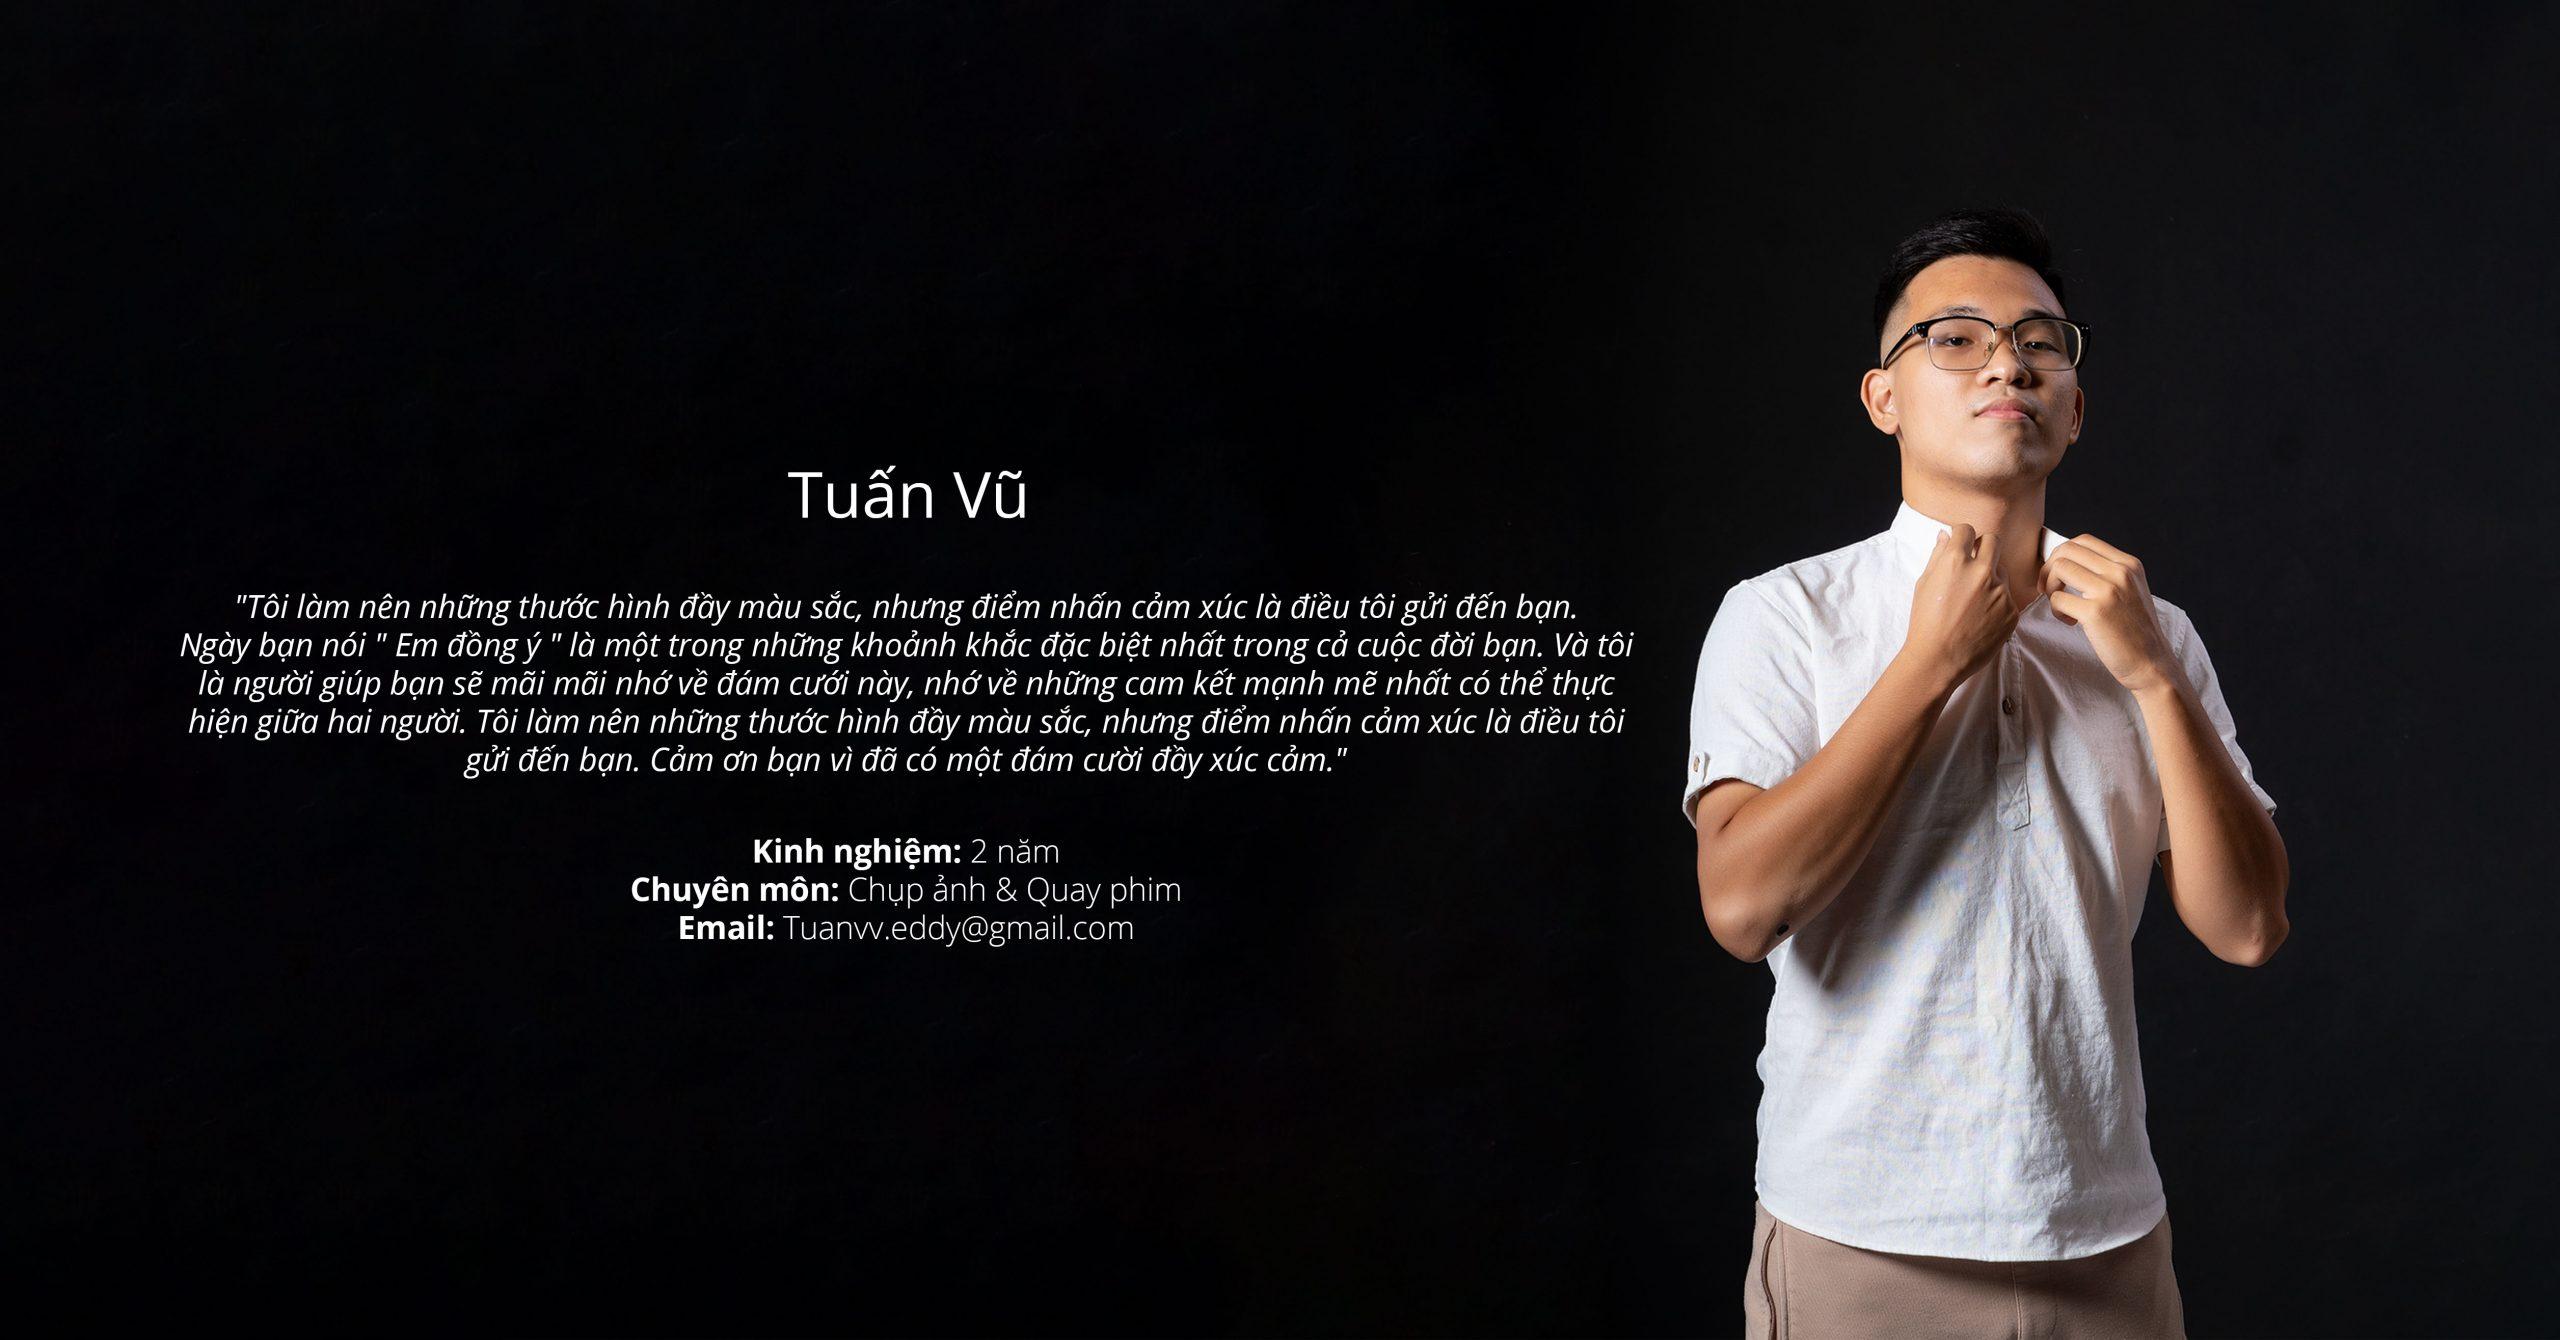 Profile loidan Tuanvu scaled